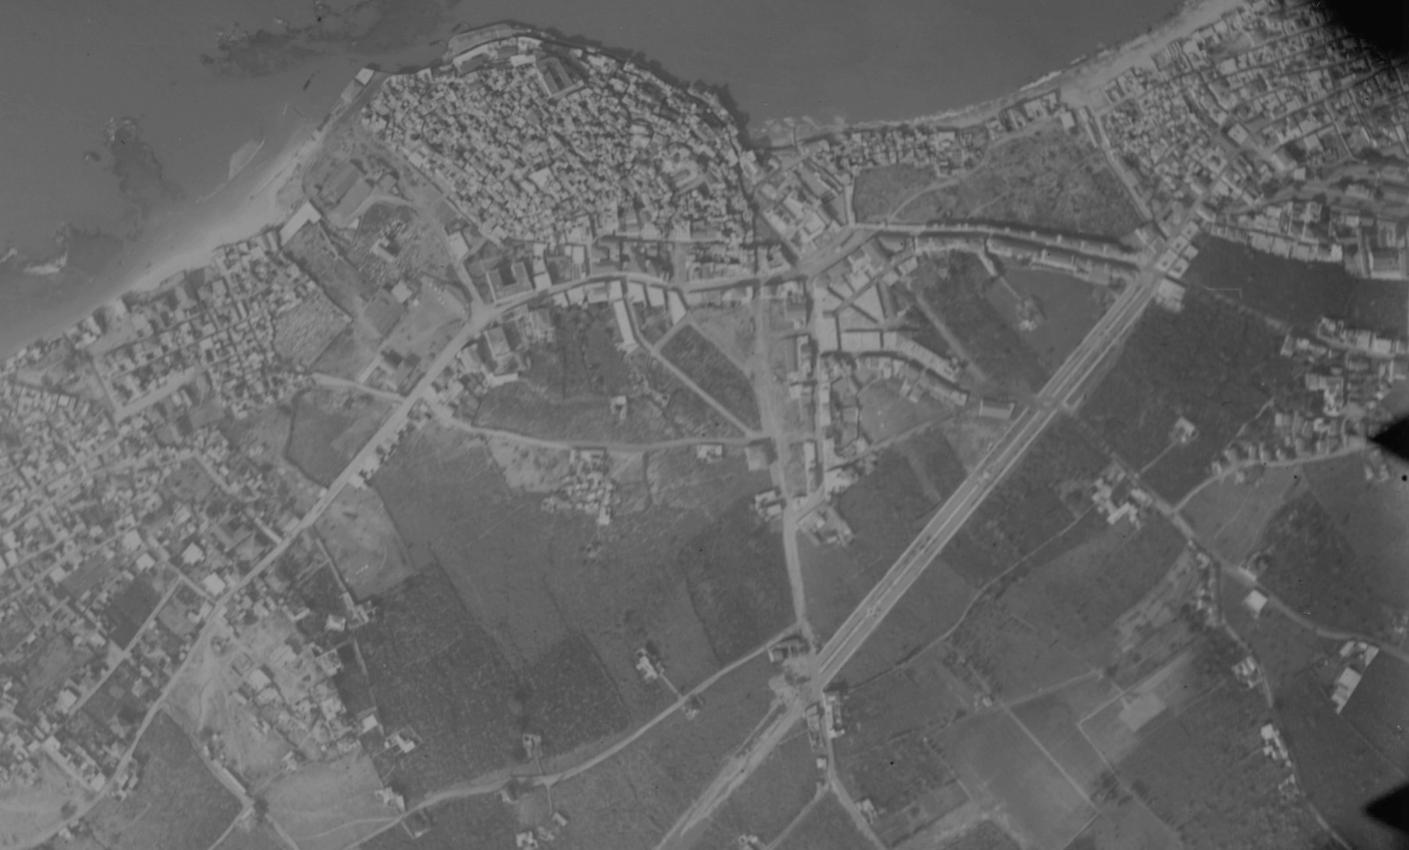 השדרה לא מובילה לשום מקום. שדרות ג'מאל פאשא, 1917